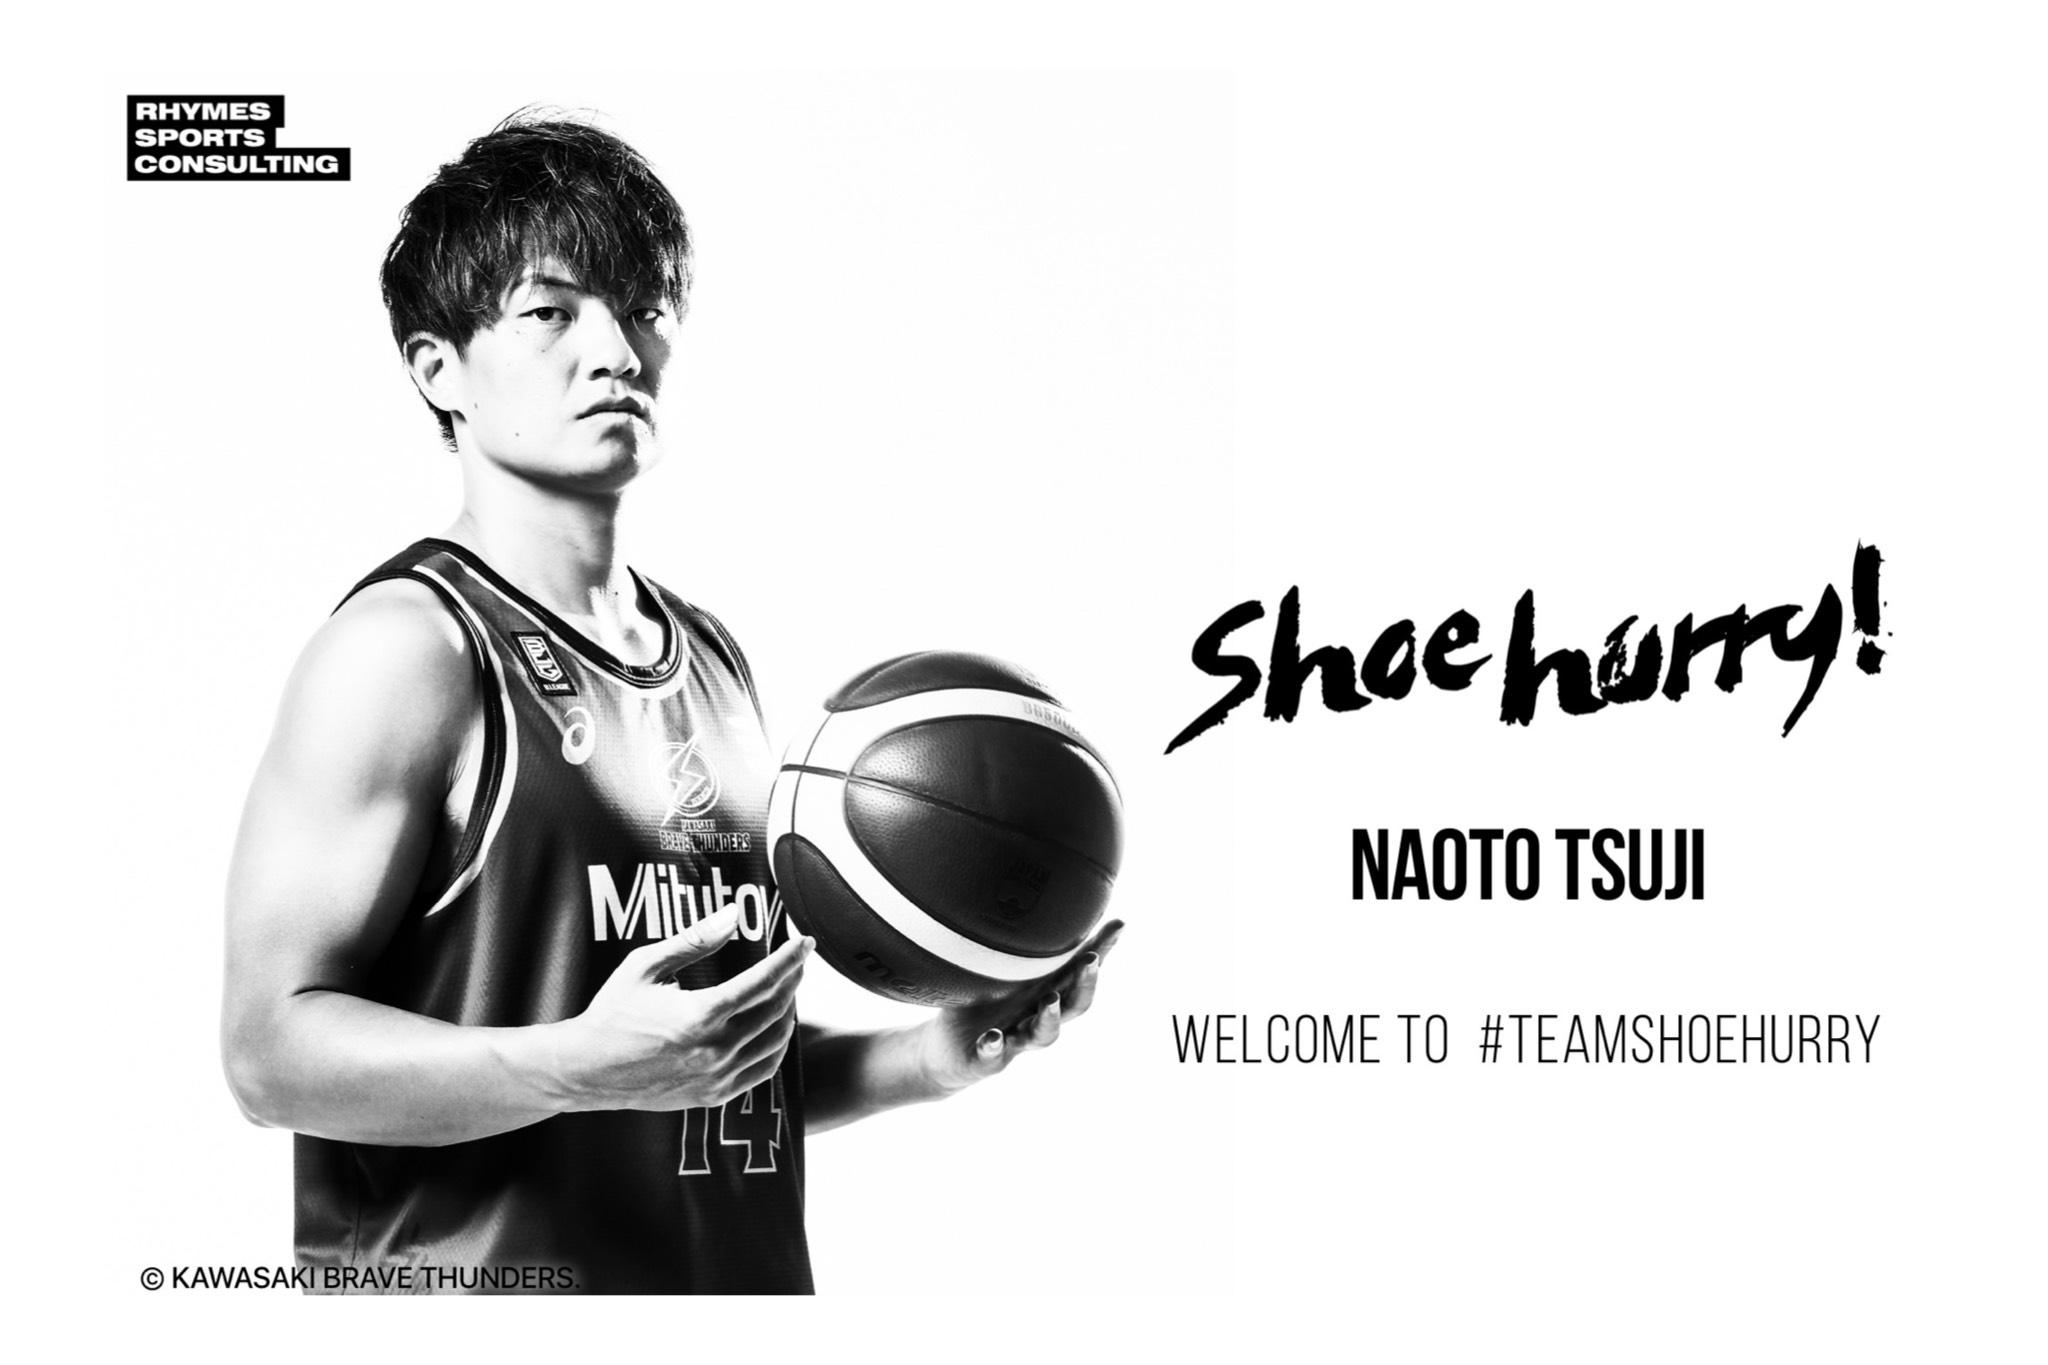 SHOEHURRY!|バスケットボール日本代表 辻直人選手とのアスリートサポートおよび選手エージェント契約を締結